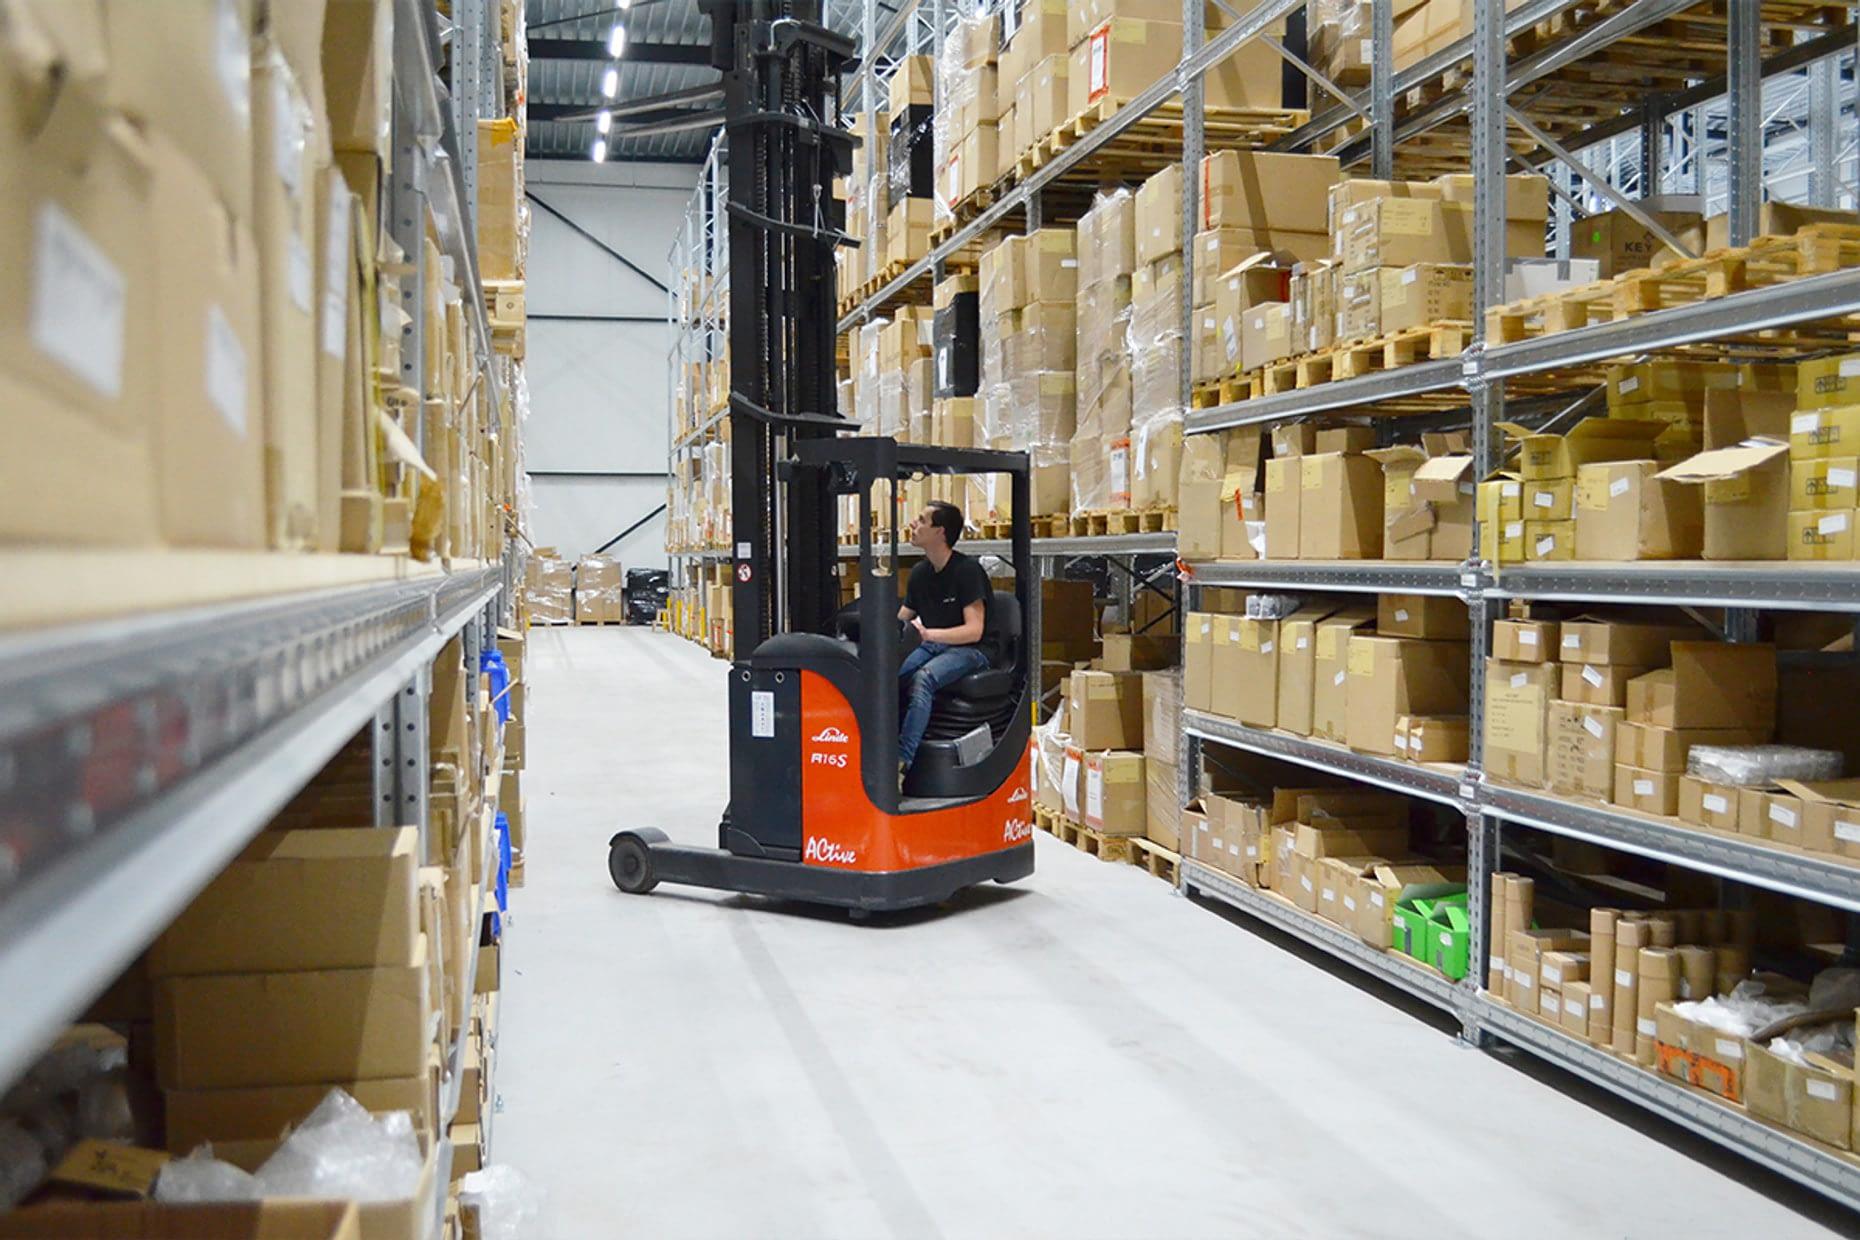 Ons magazijn beslaat ruim 2500m2 boordevol winkelverlichting, etalageverlichting en paskamer verlichting